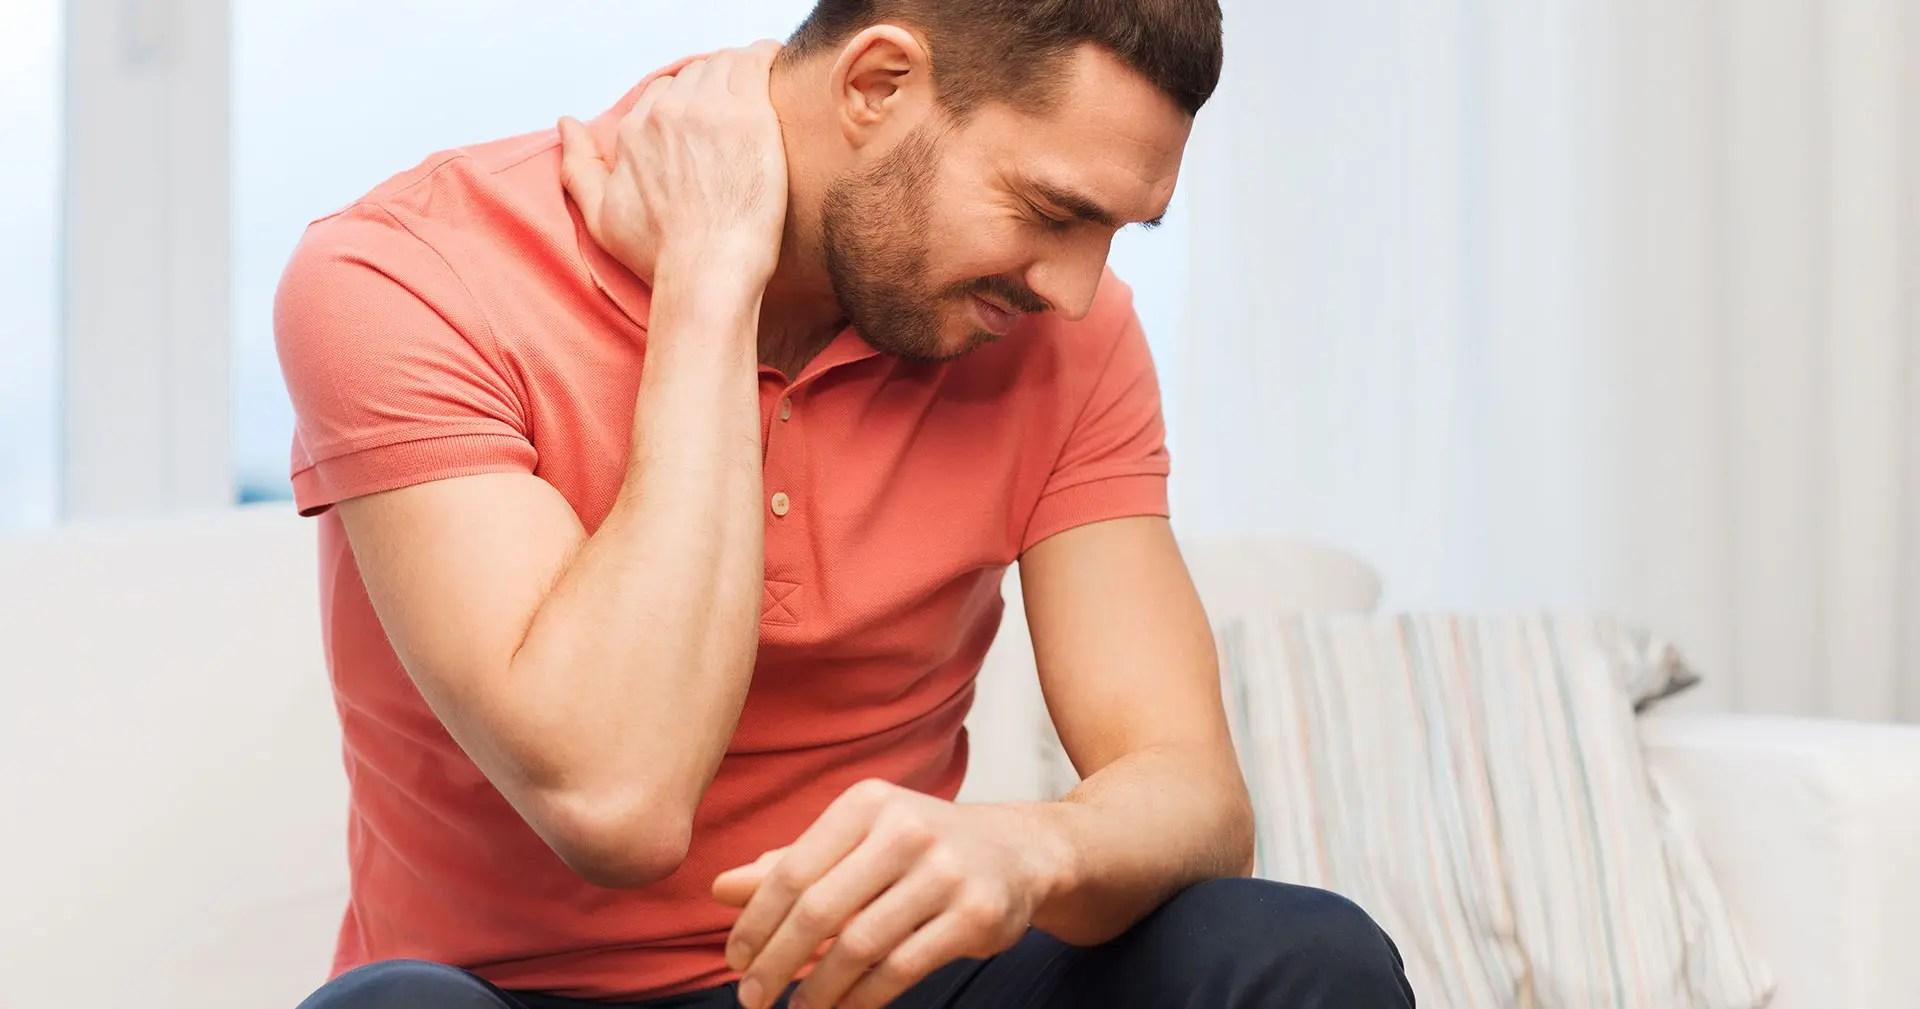 Fájdalomkezelés fájdalommal: Flossing és FDM – FASCIA blog